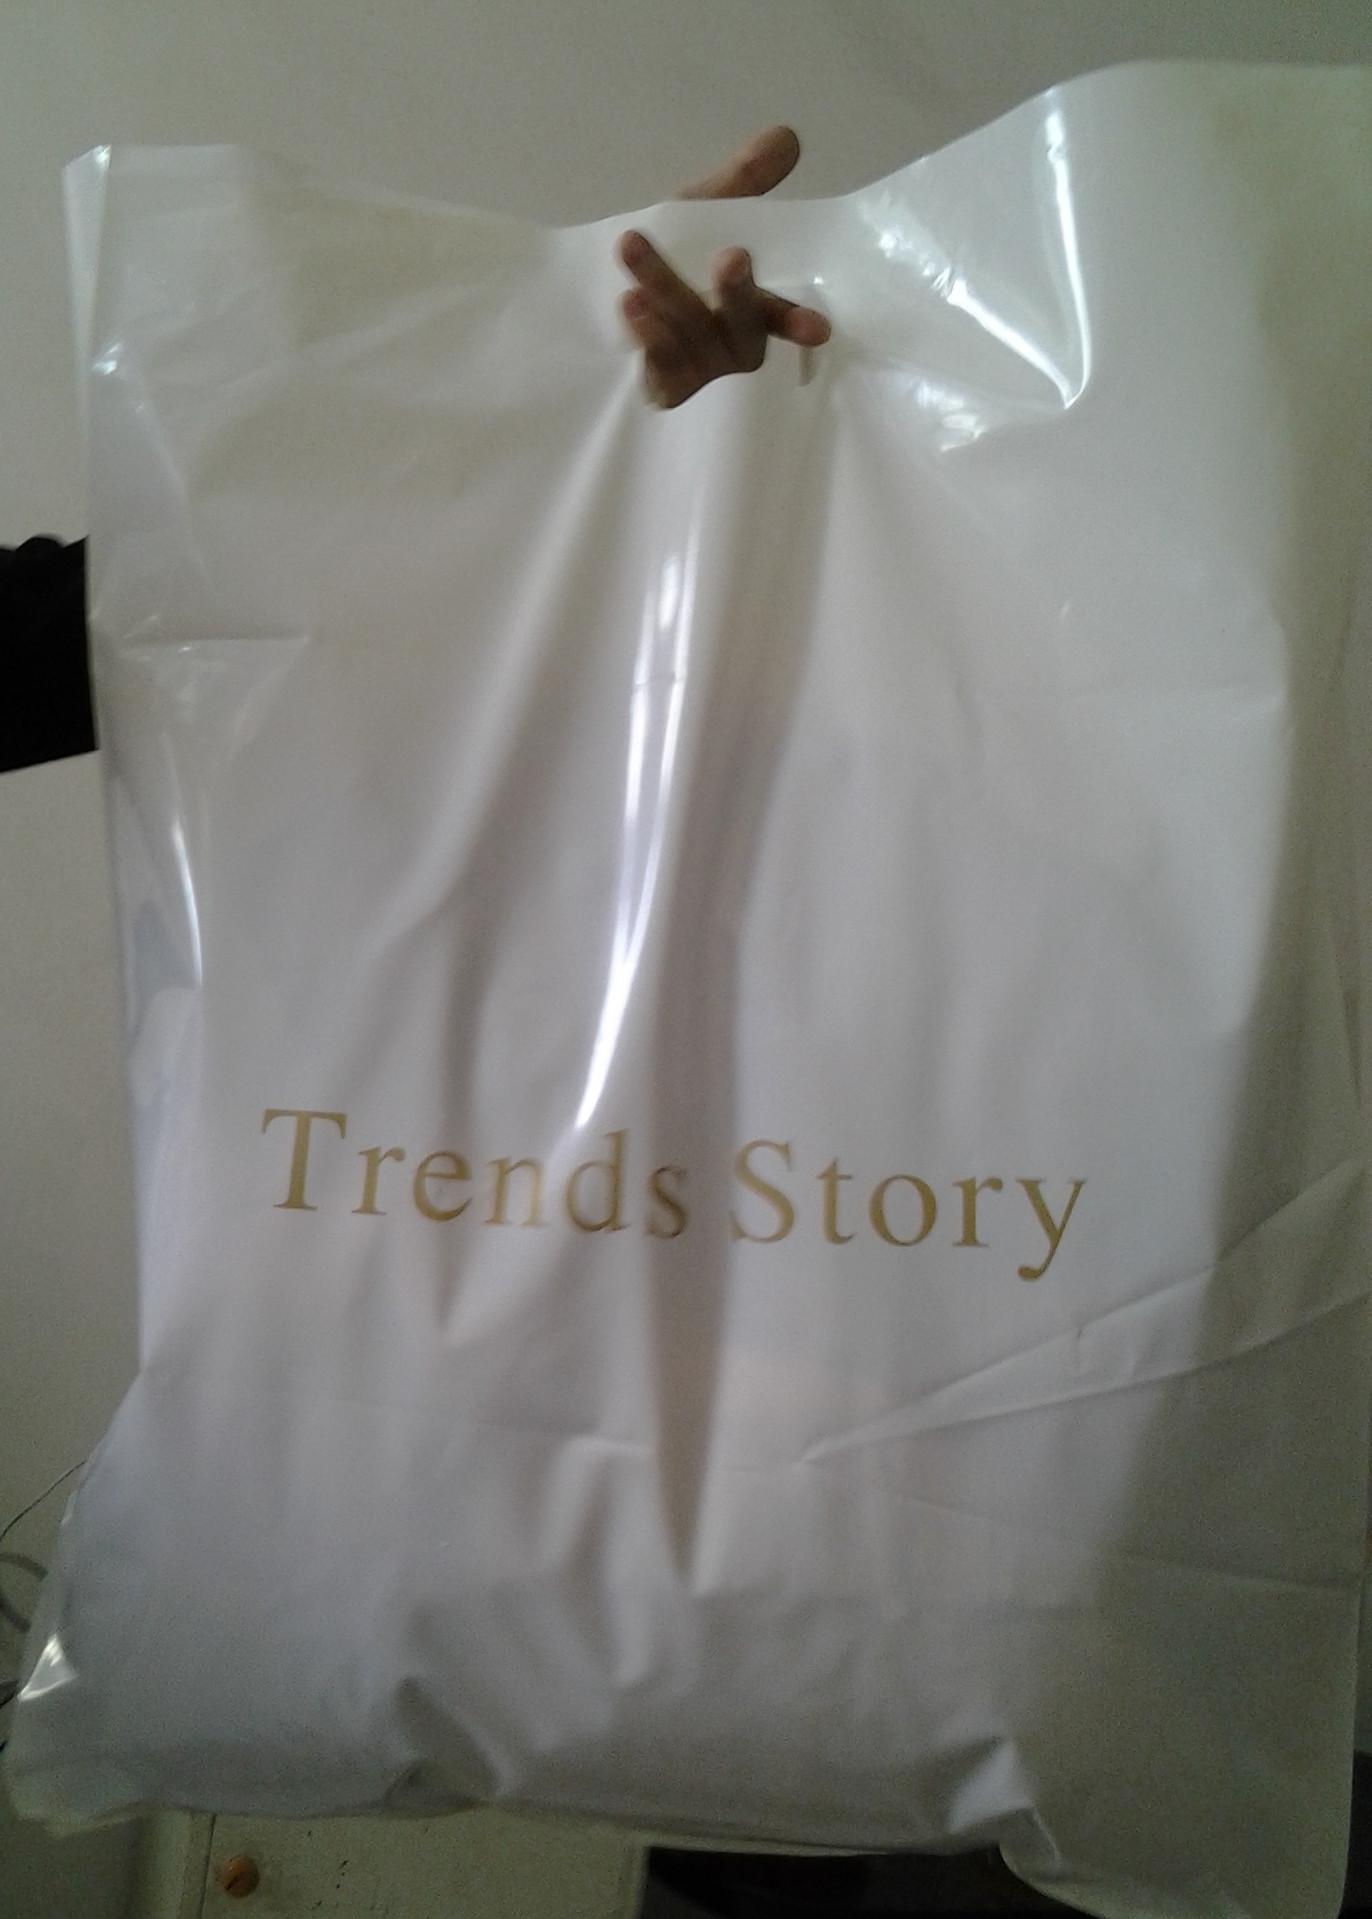 特惠流行故事58*68服装袋/塑料袋购物袋/手提袋50个包特大加厚